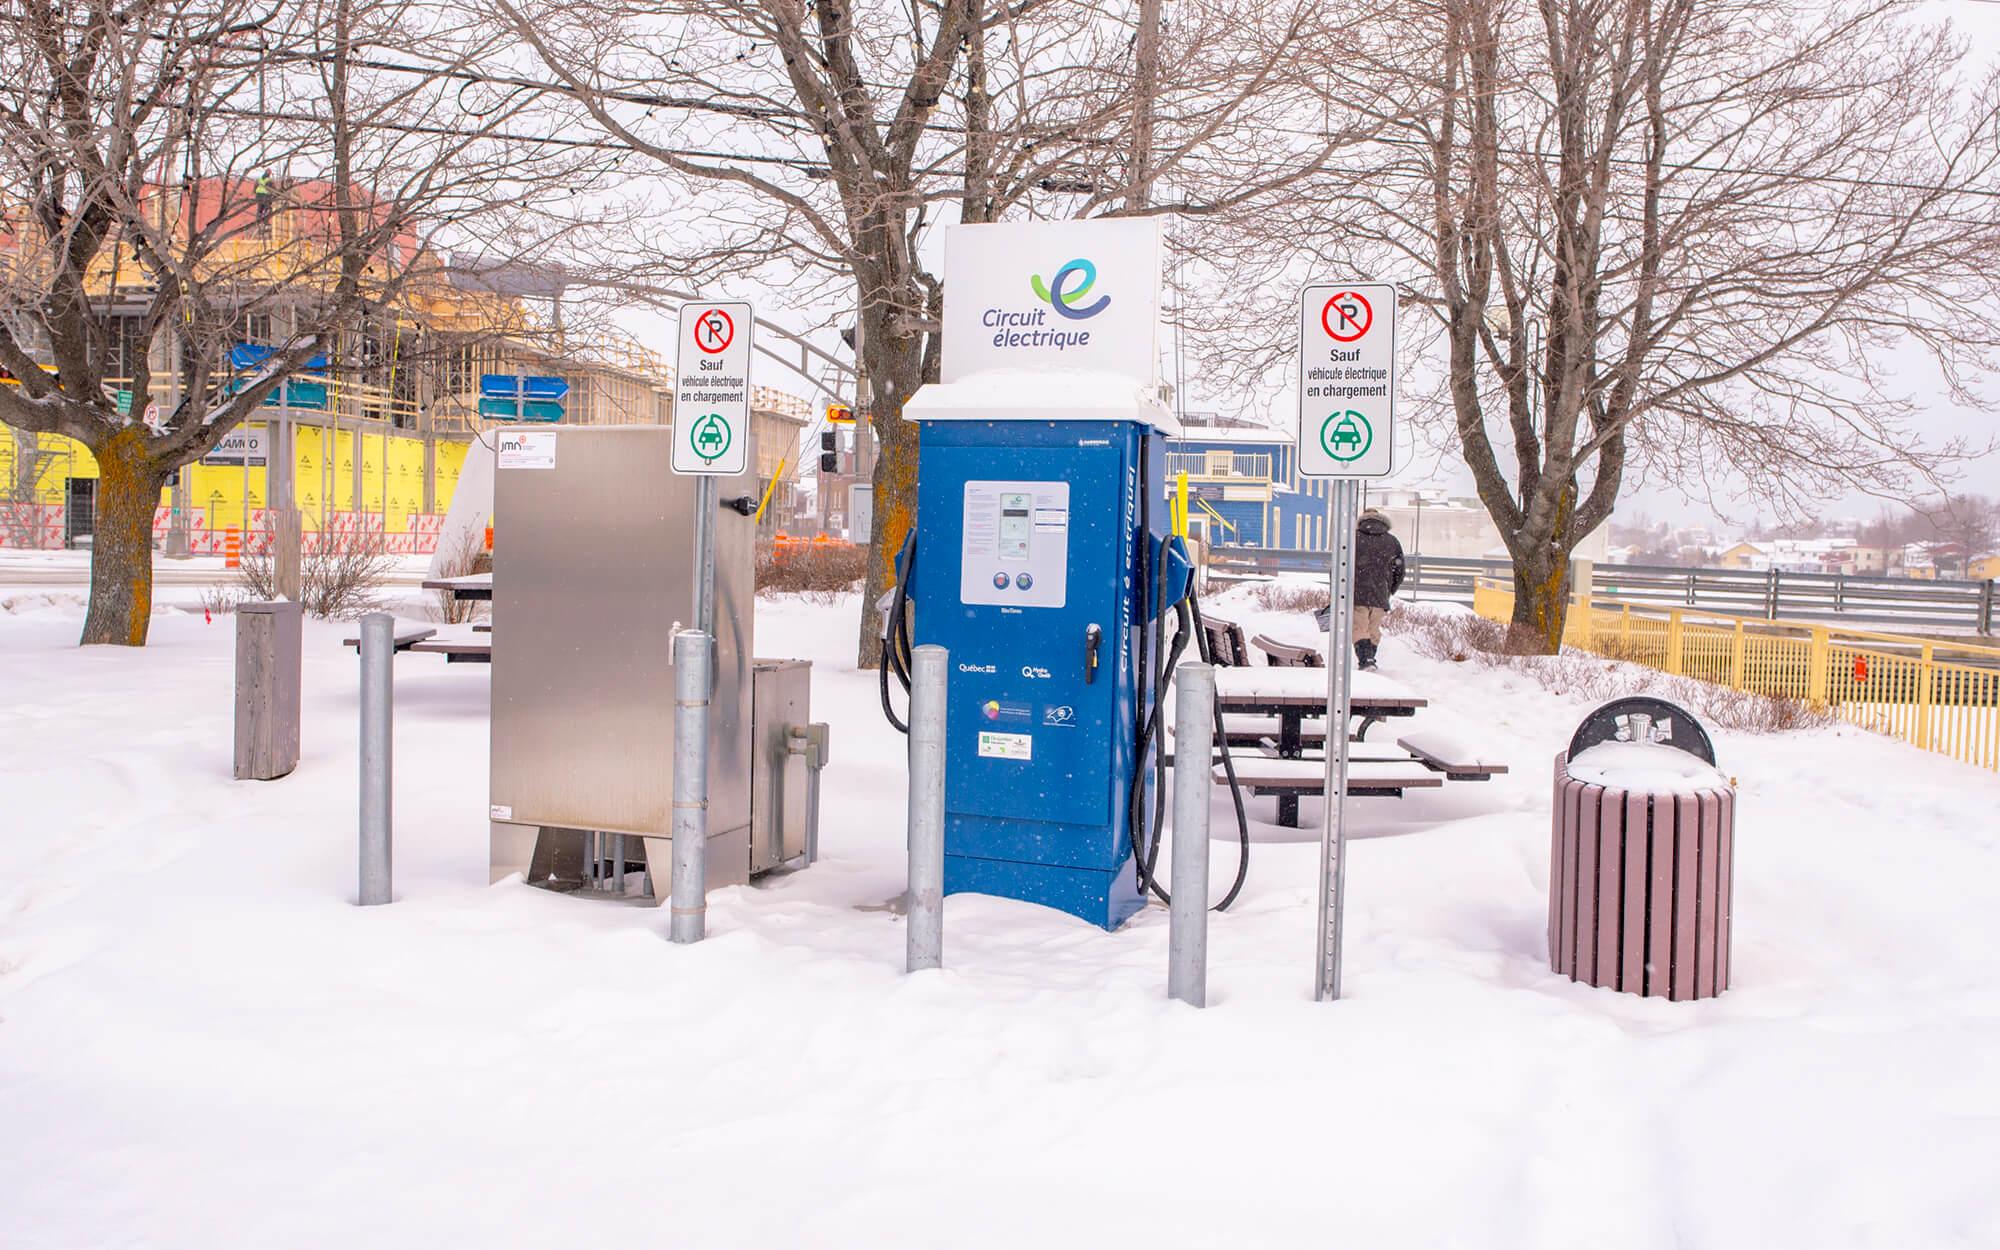 Borne recharge véhicule électrique Matane